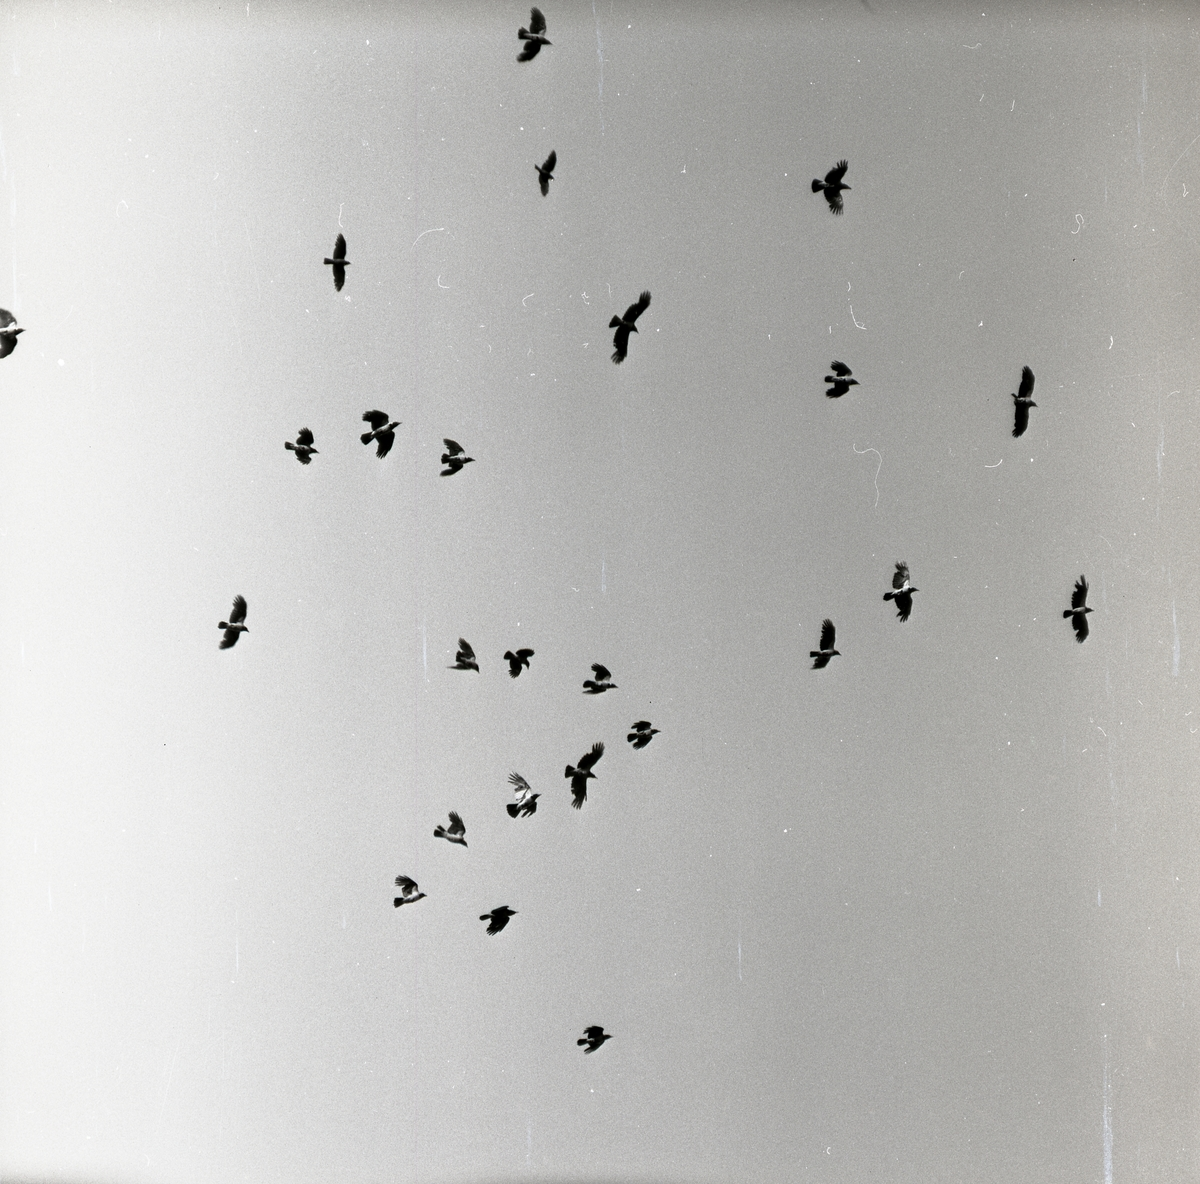 En flock kråkor flyger ovanför fotografen.